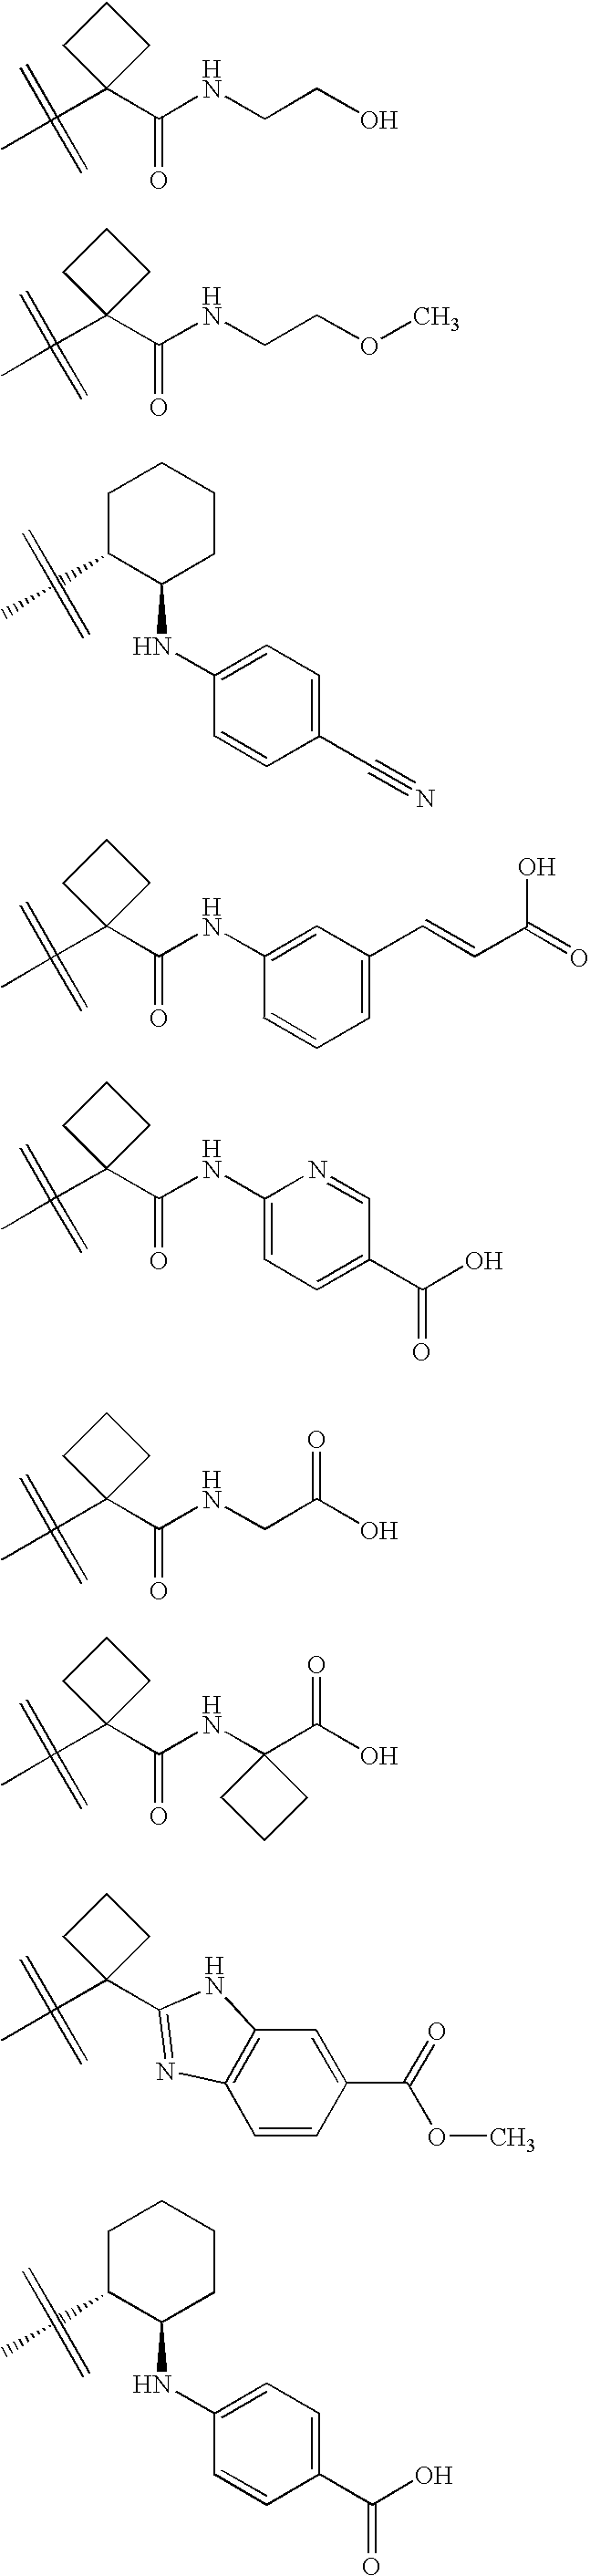 Figure US20070049593A1-20070301-C00171